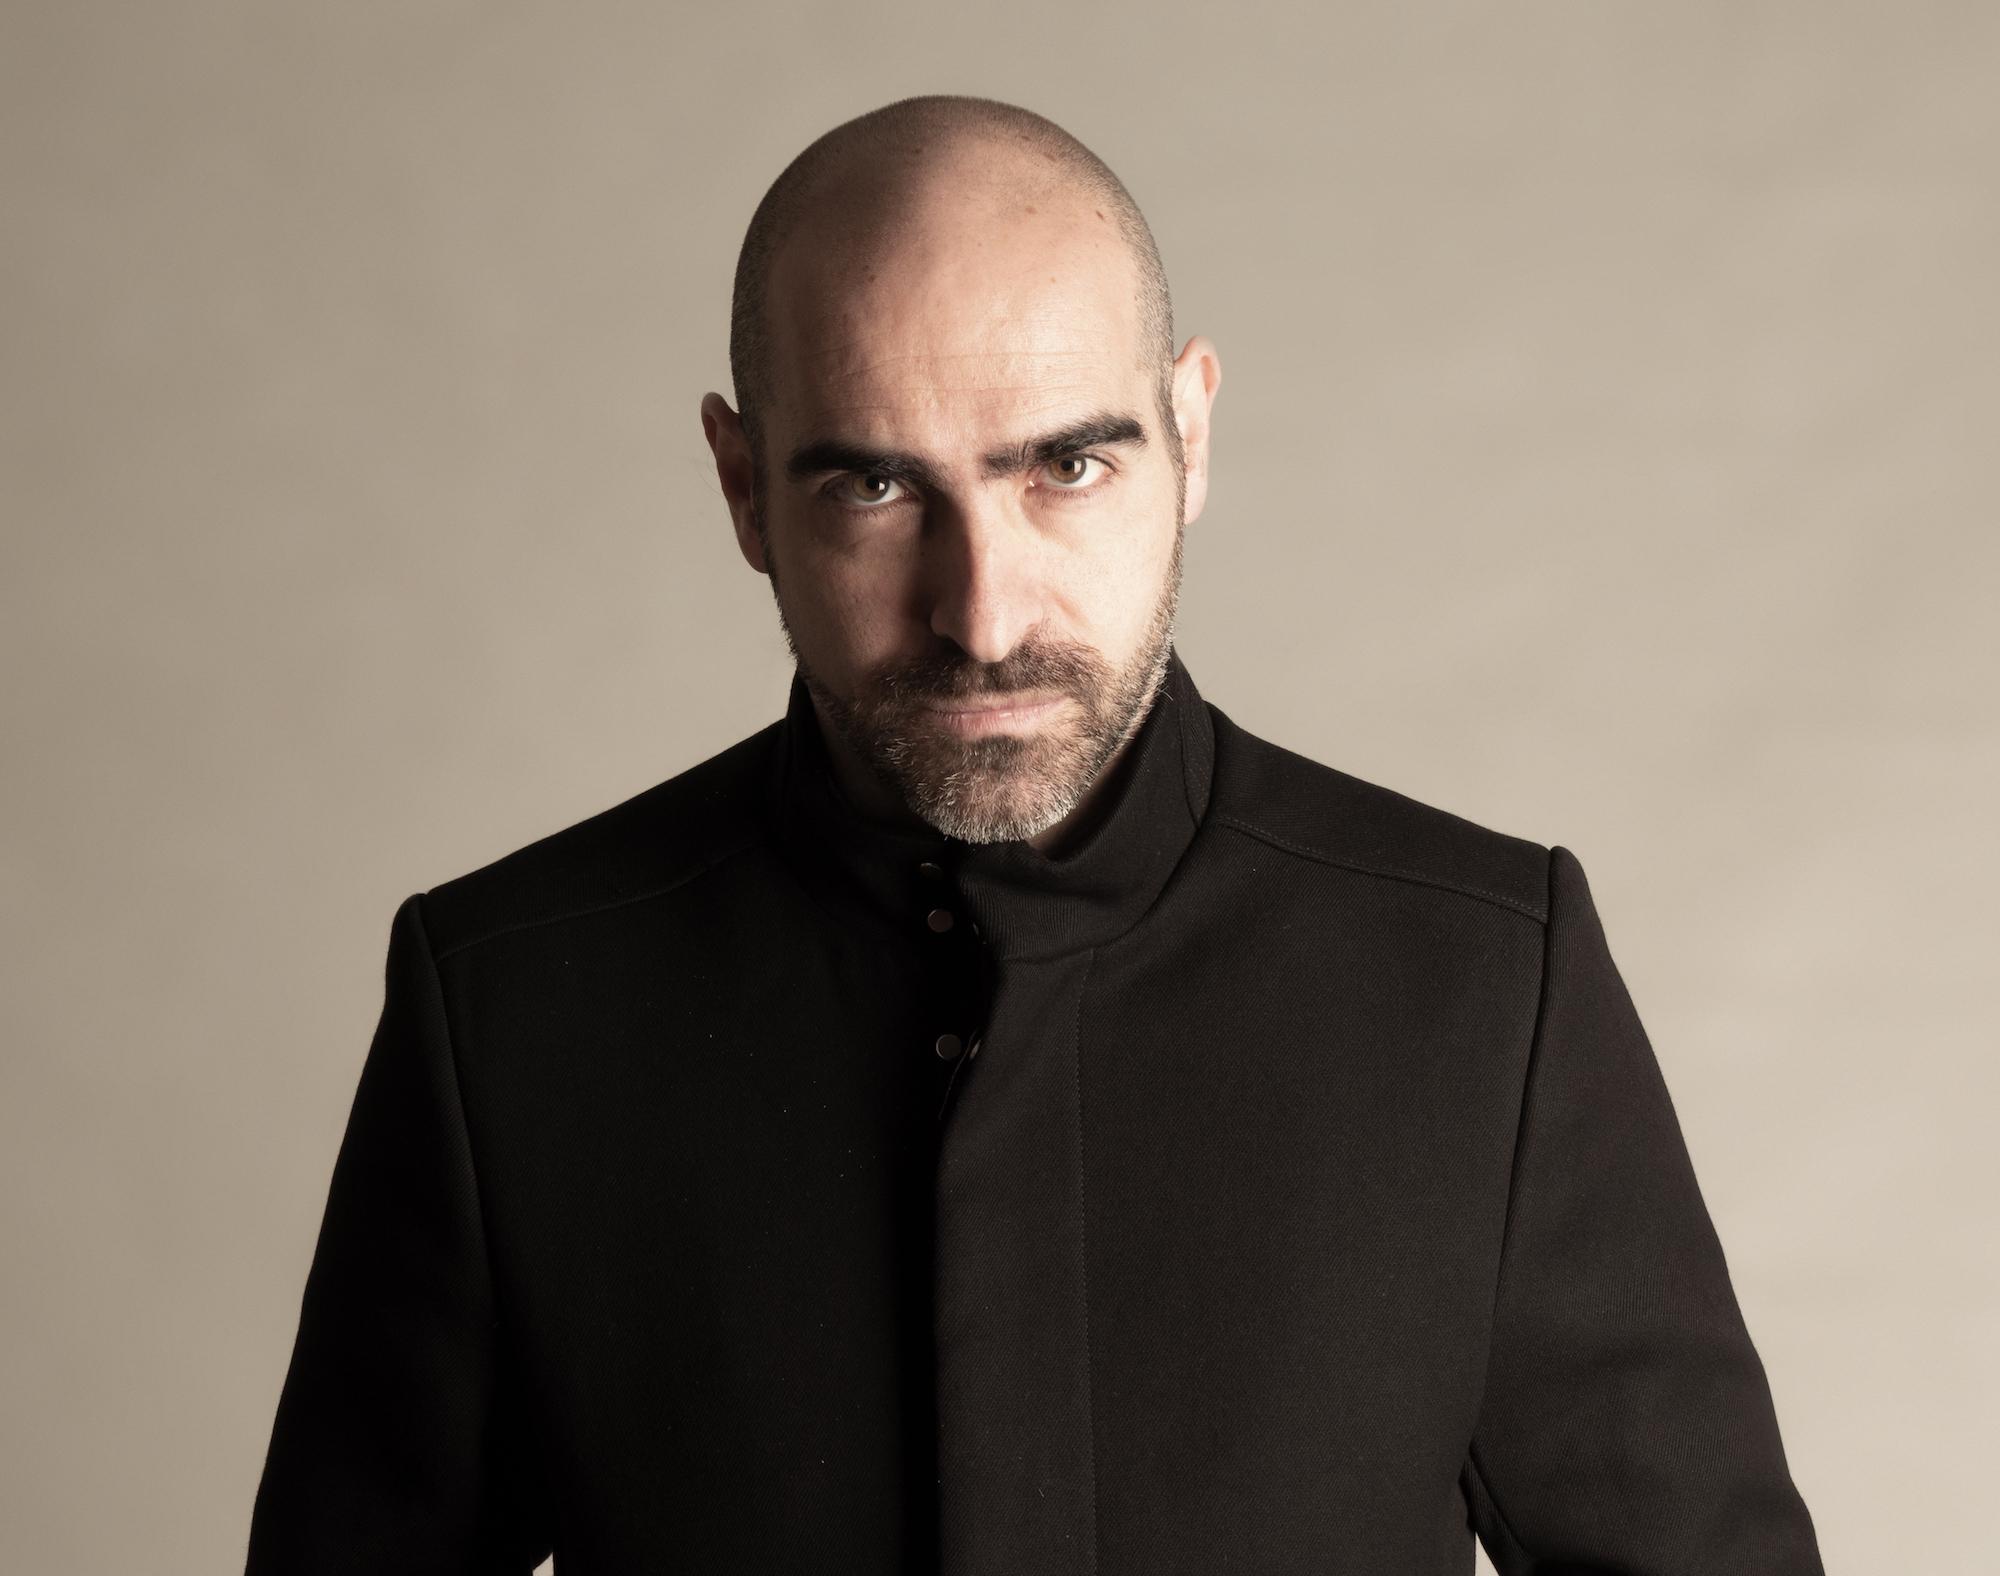 Bernat Muñoz - actor 36